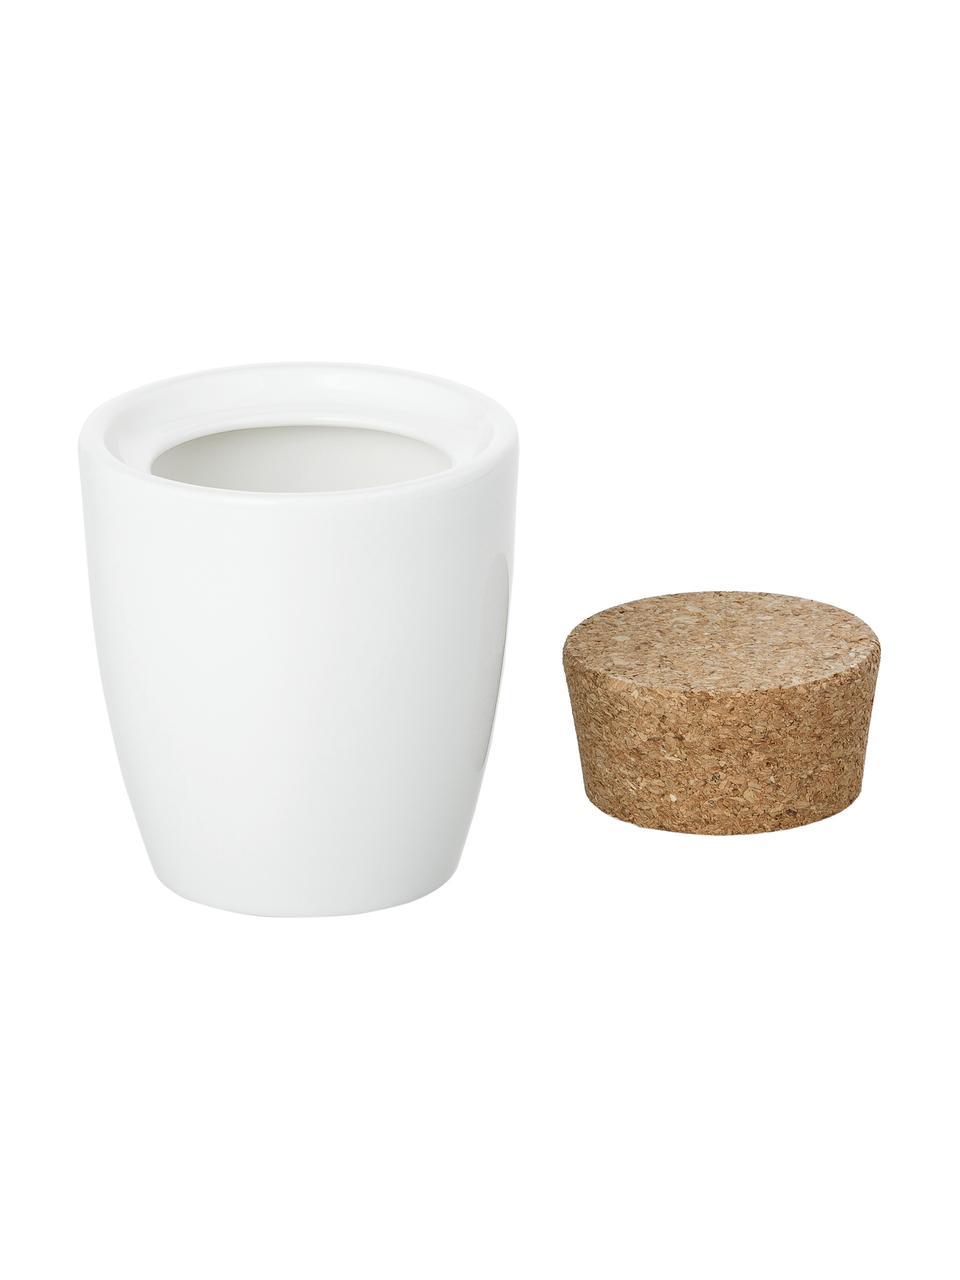 Zuckerdose Artesano Original, Porzellan, Kork, Weiß, 300 ml